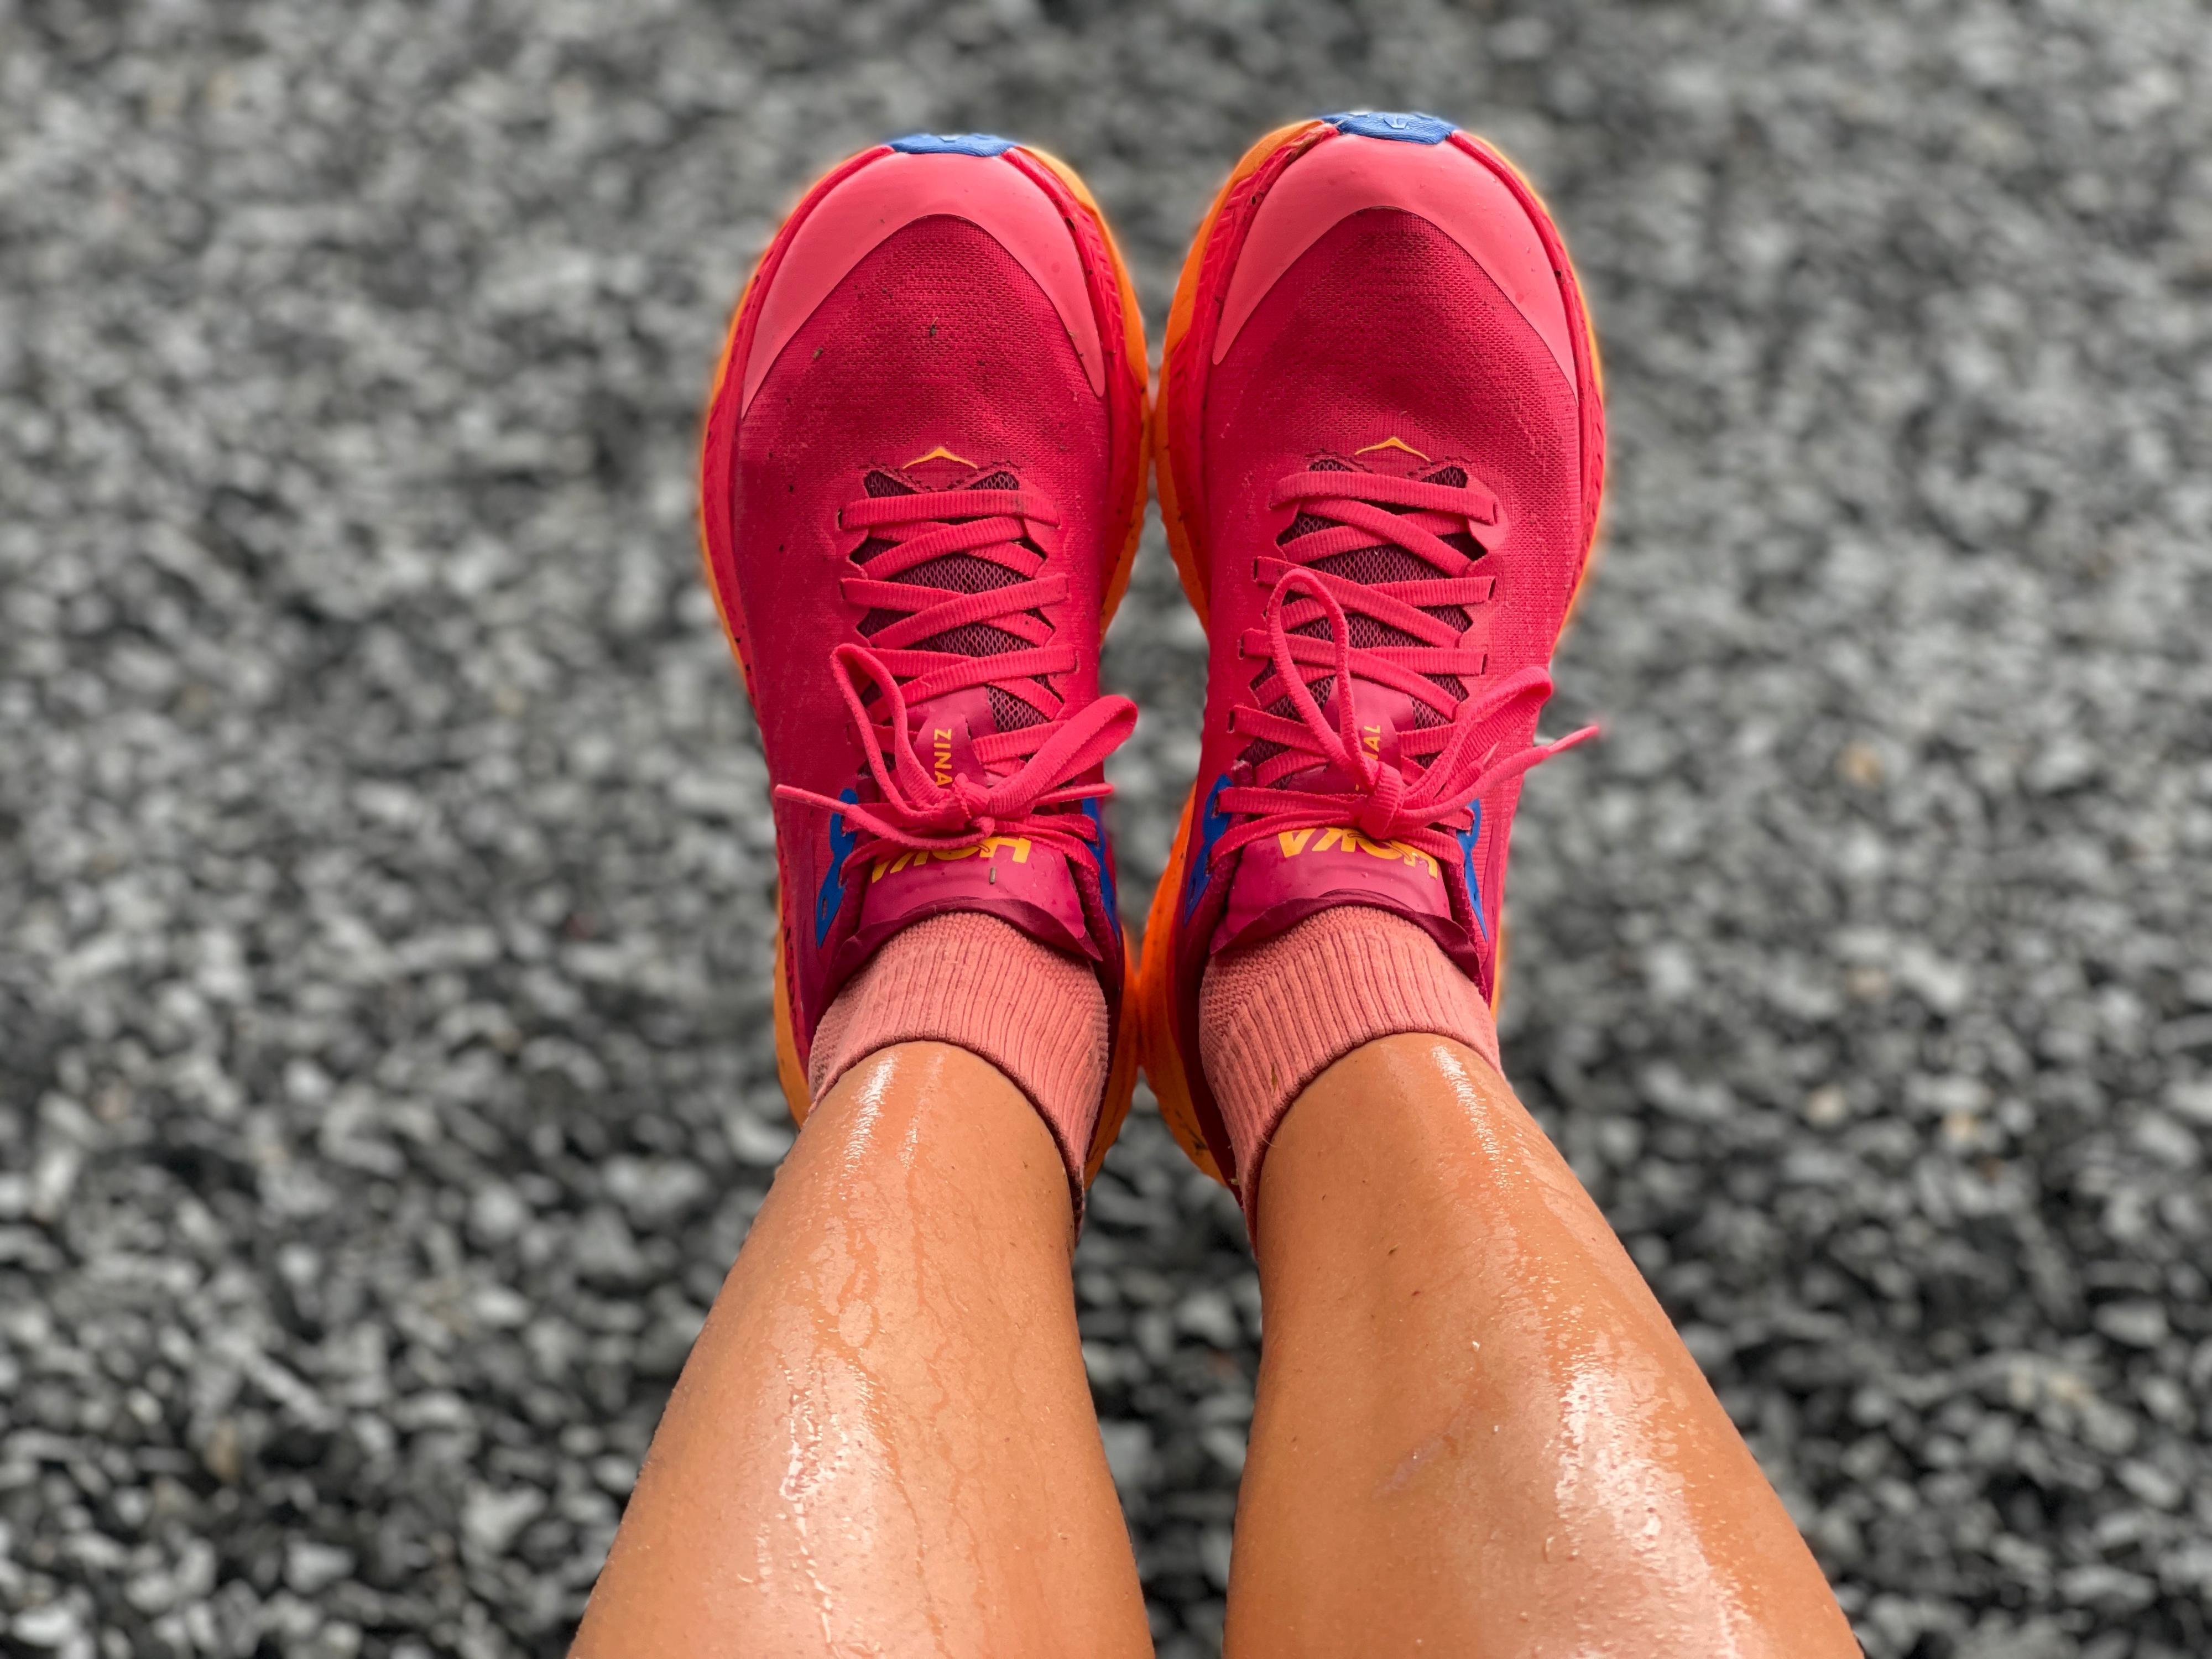 TÅLER MYE: Tåforsterkeren tar unna for mye, men i nedoverbakke føles disse skoene litt for glatte under på yttersålen og tar ikke grepet helt slik vi hadde håpet.